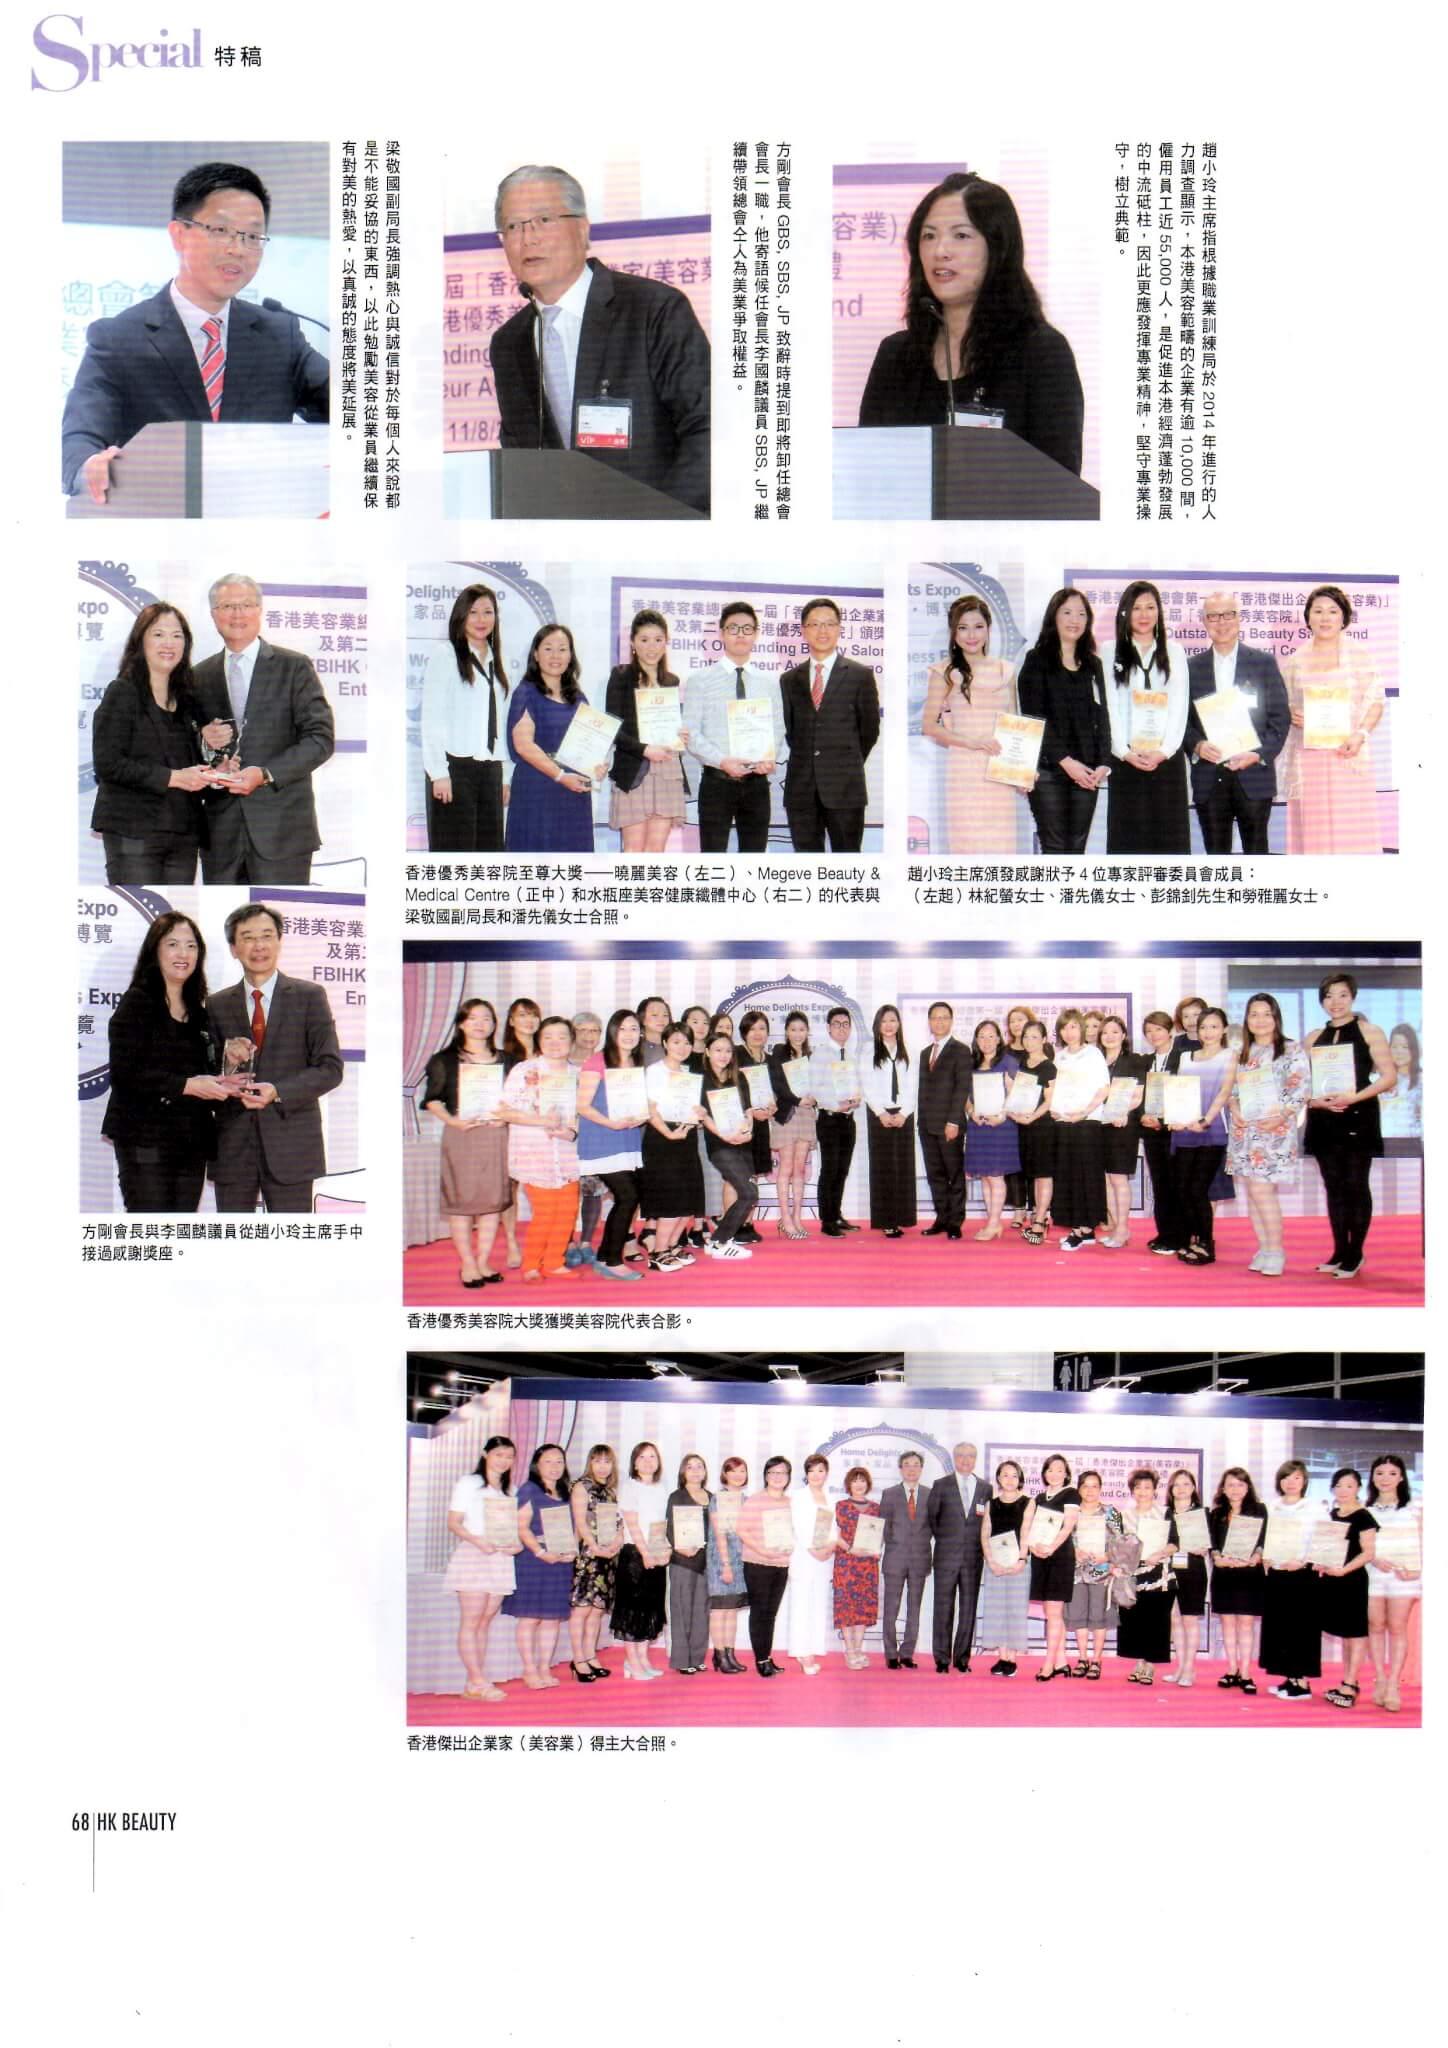 160811 Award Ceremony p3